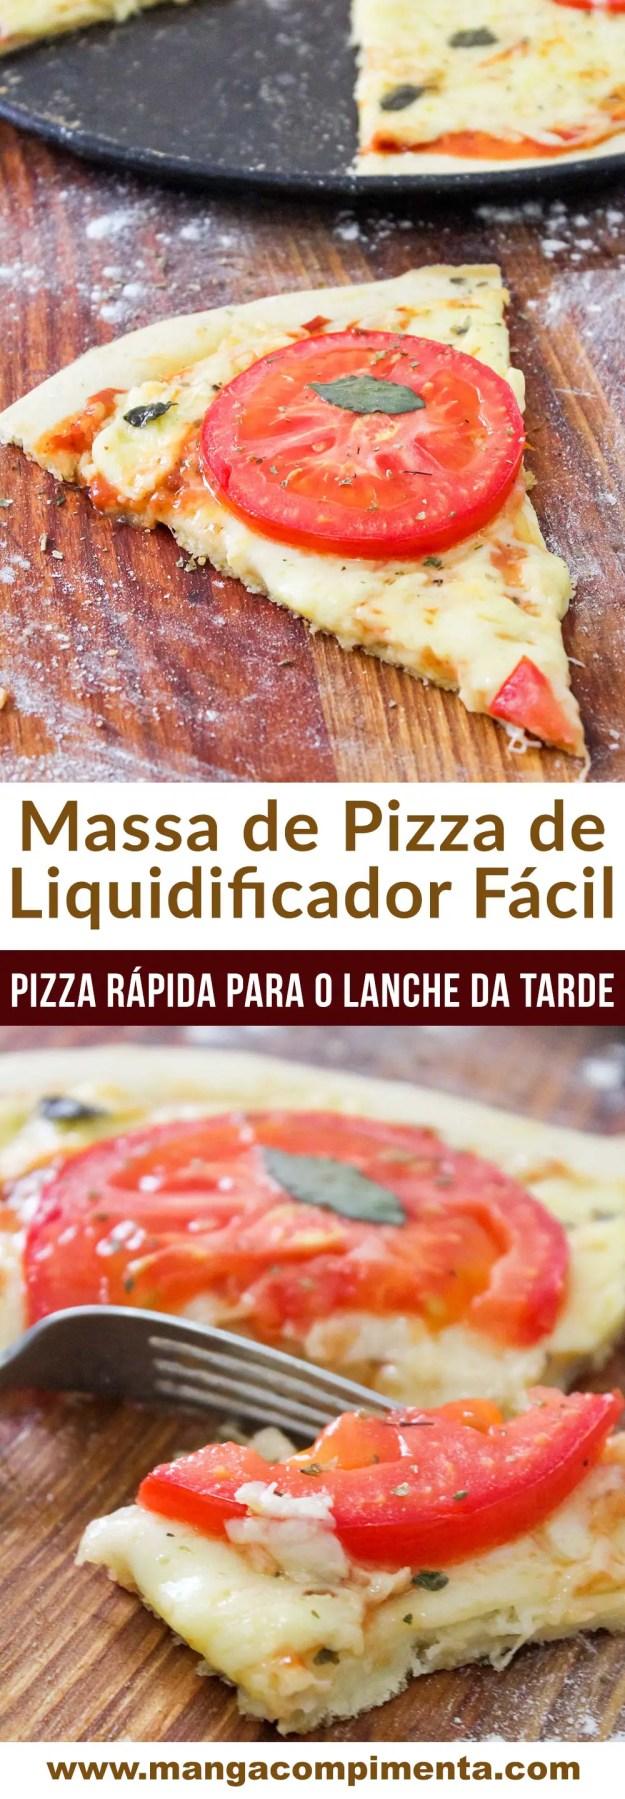 Massa de Pizza de Liquidificador Fácil - para matar qualquer fominha a qualquer hora!